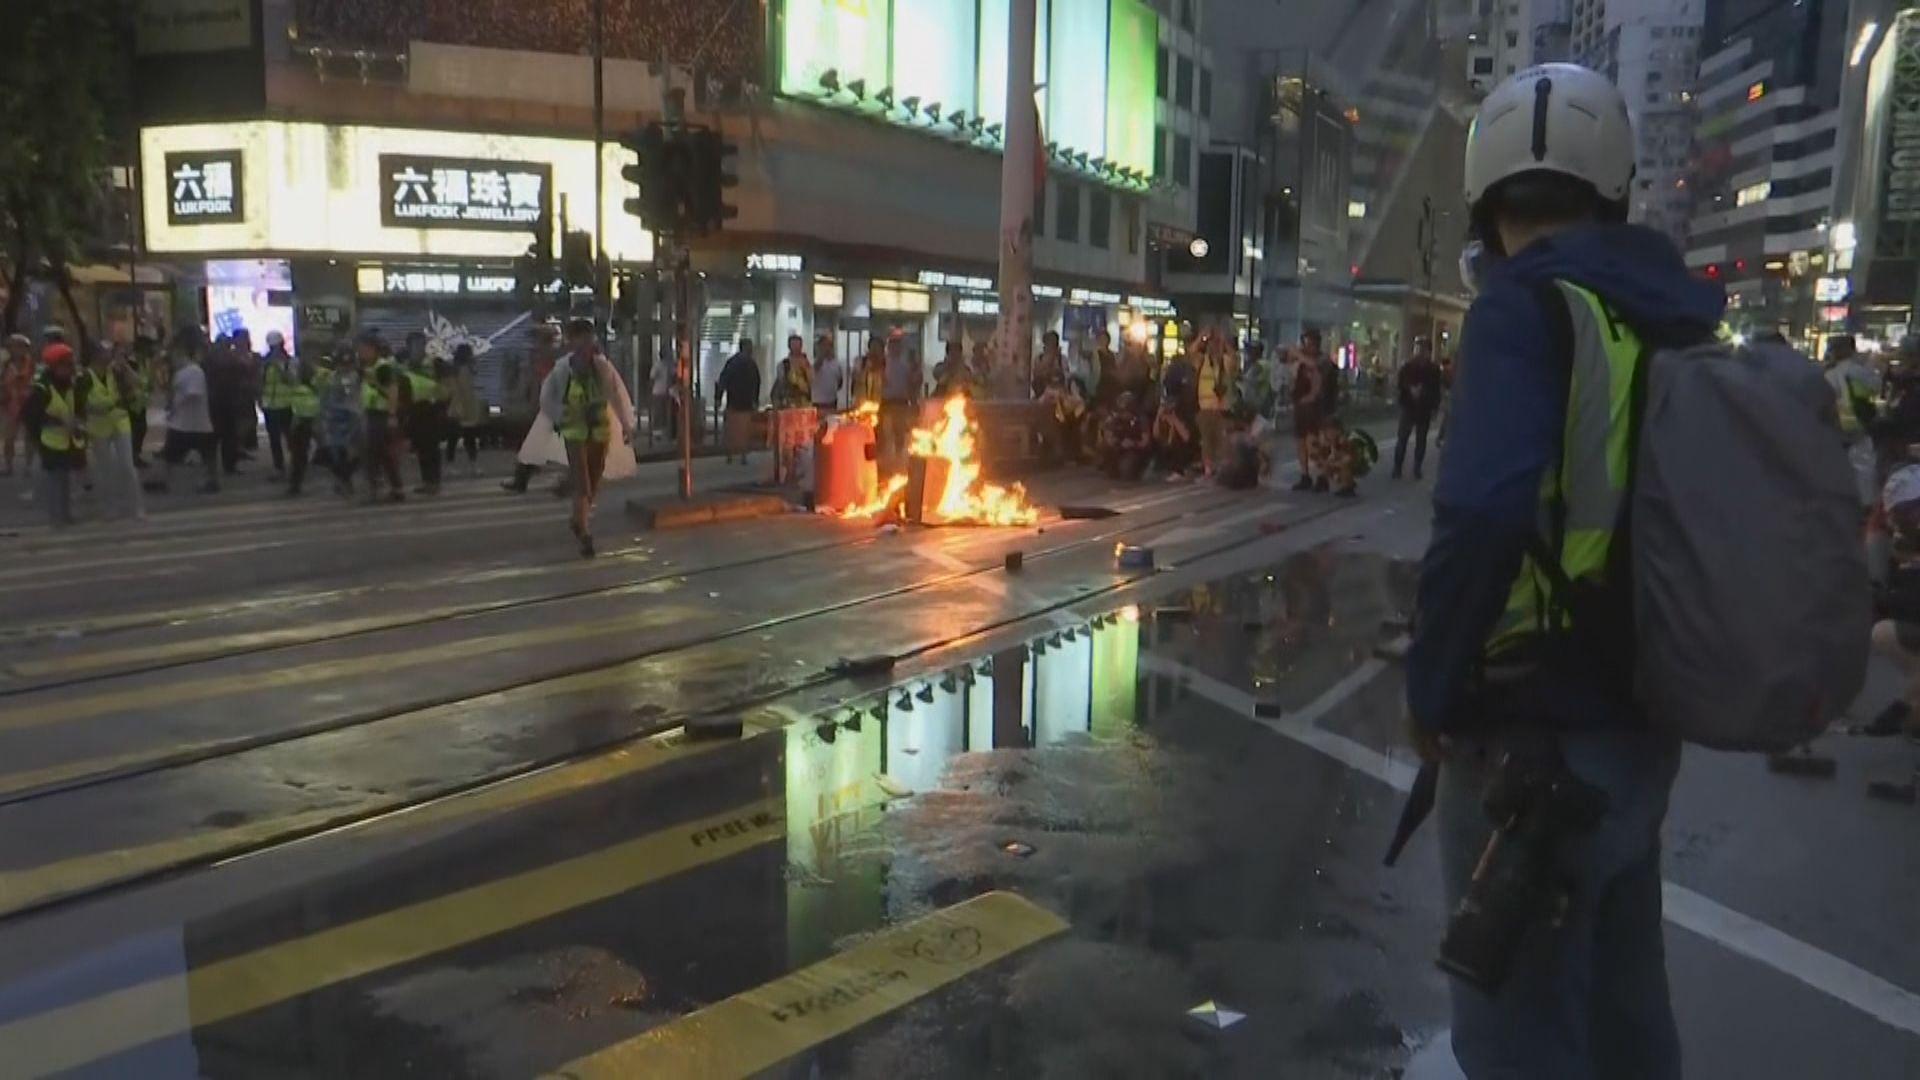 金鐘灣仔示威者堵路縱火 警放催淚彈多人被捕